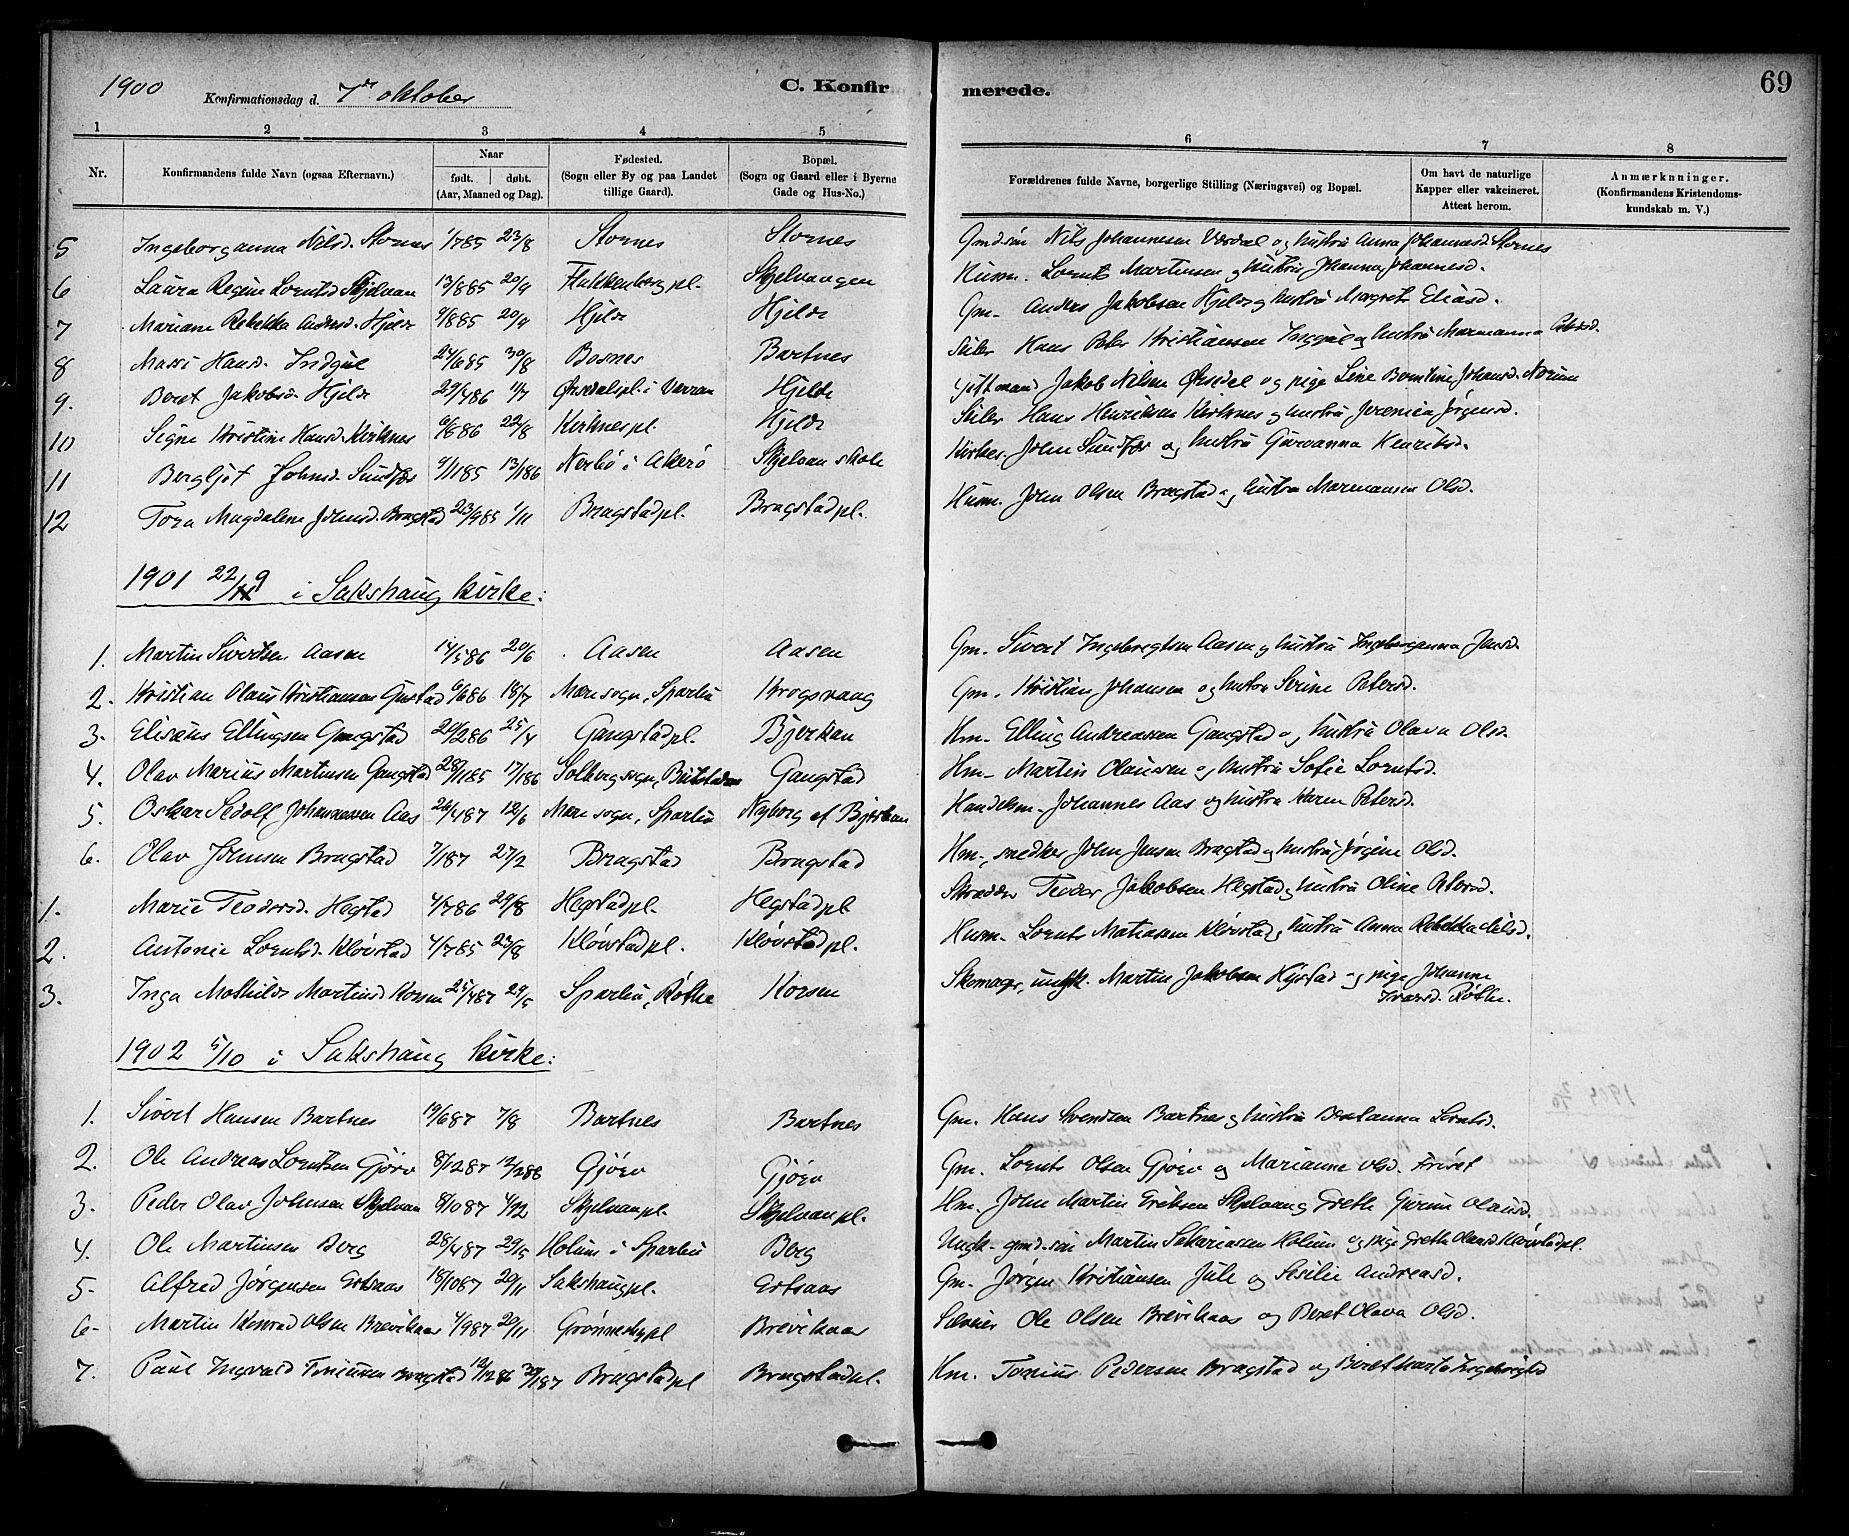 SAT, Ministerialprotokoller, klokkerbøker og fødselsregistre - Nord-Trøndelag, 732/L0318: Klokkerbok nr. 732C02, 1881-1911, s. 69